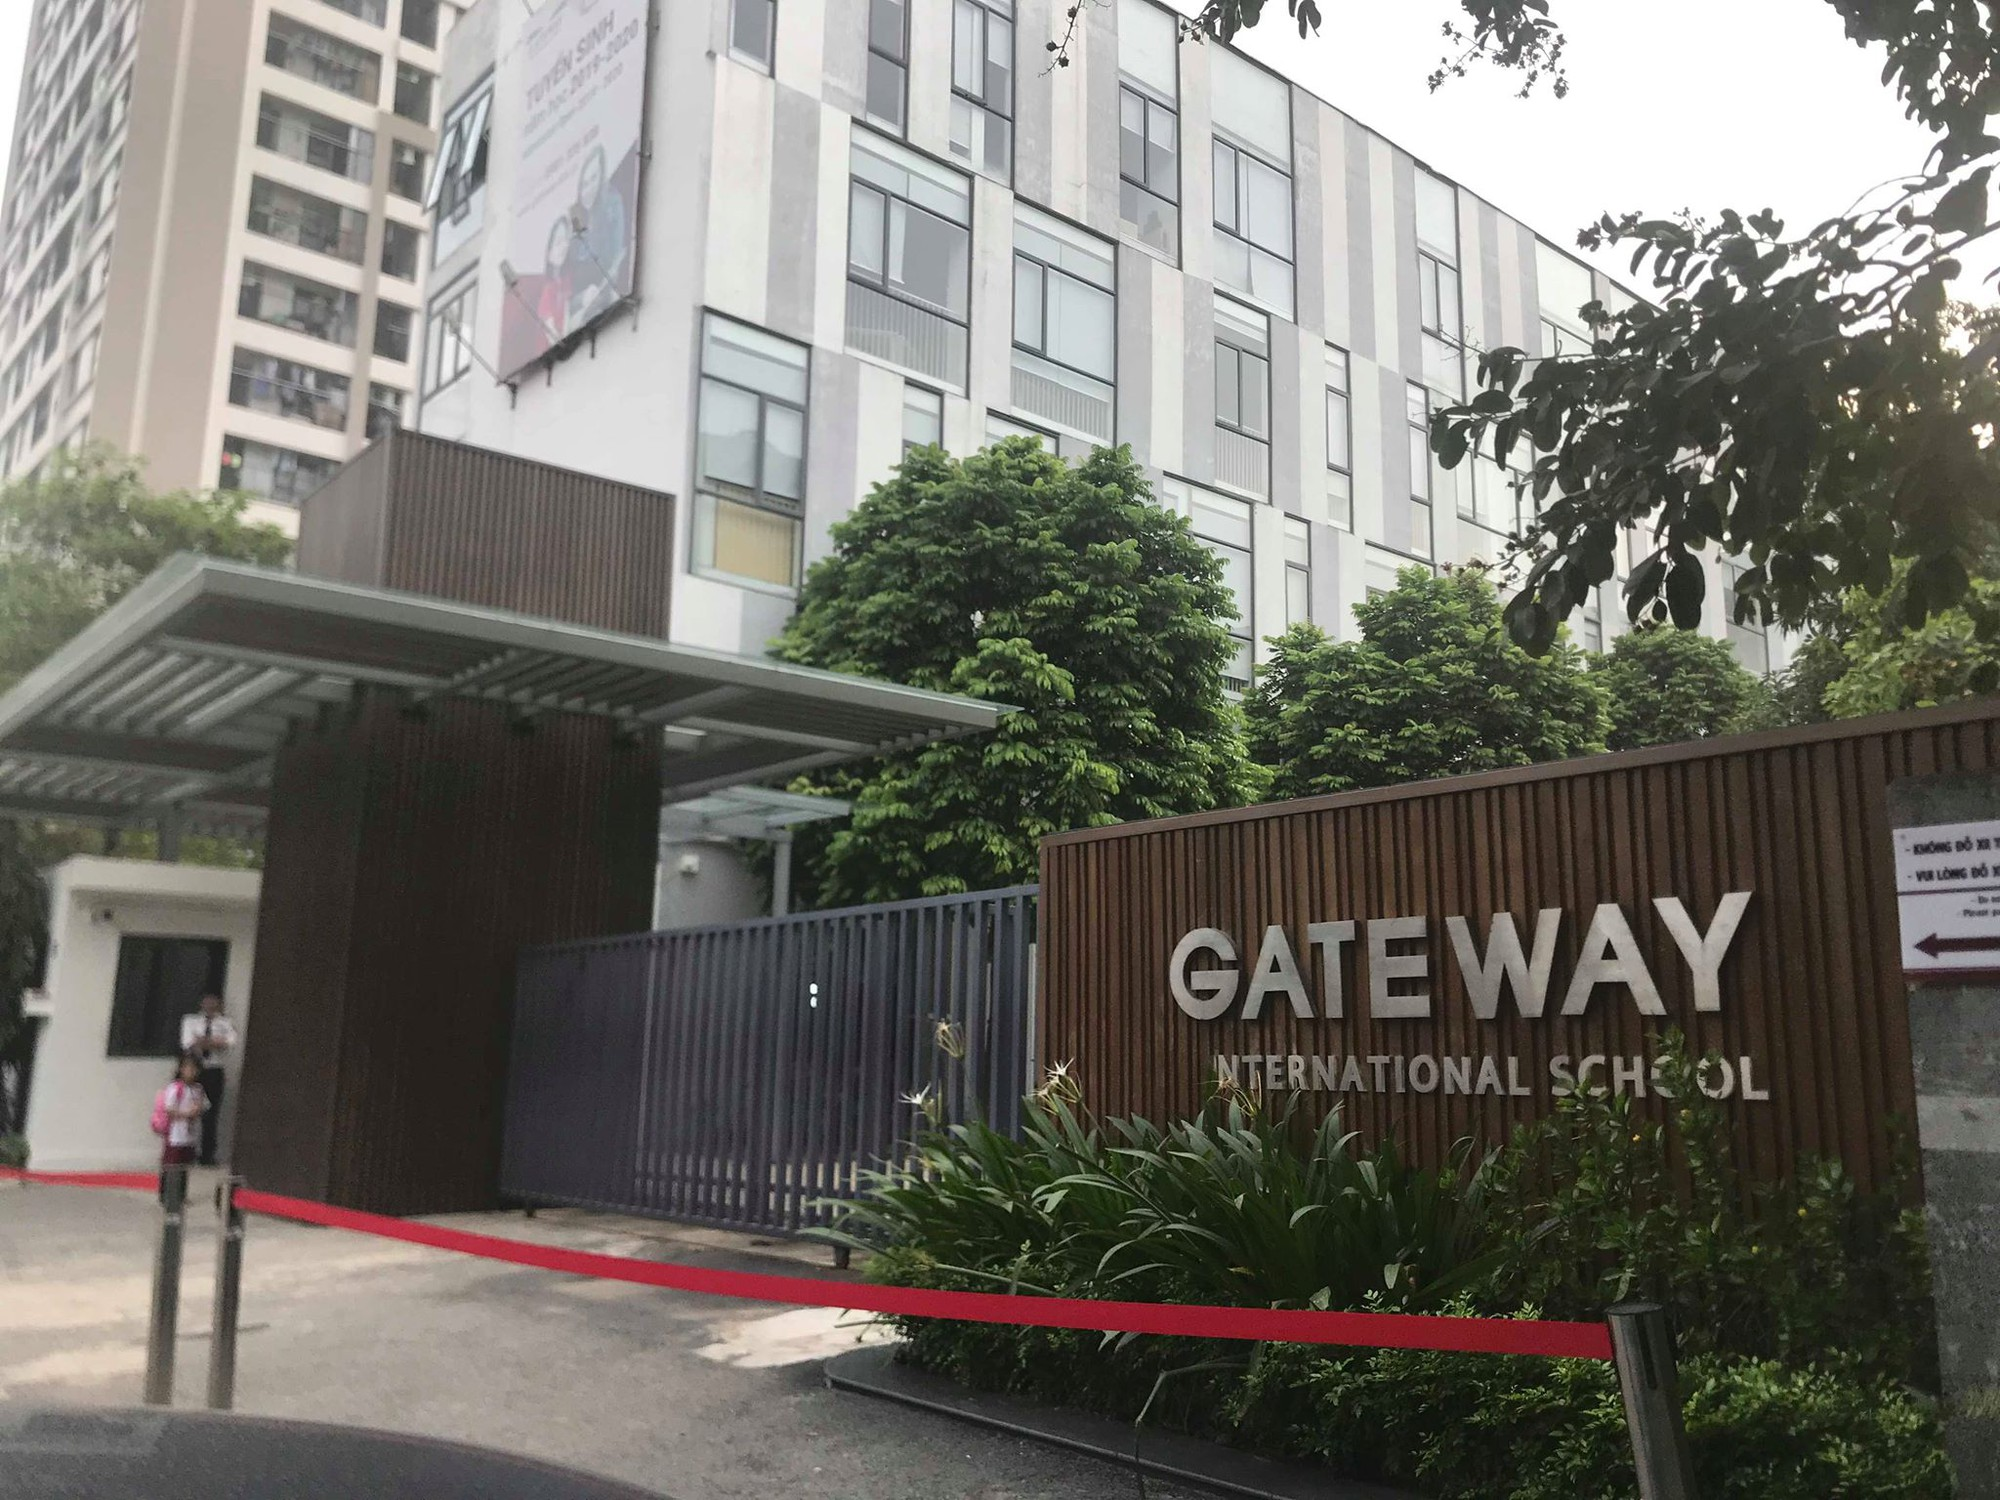 Phụ huynh có con theo học tại trường Gateway bức xúc: 4h chiều, nhà trường cũng thông báo không tìm thấy con tôi đâu trong ngày đầu tiên-1